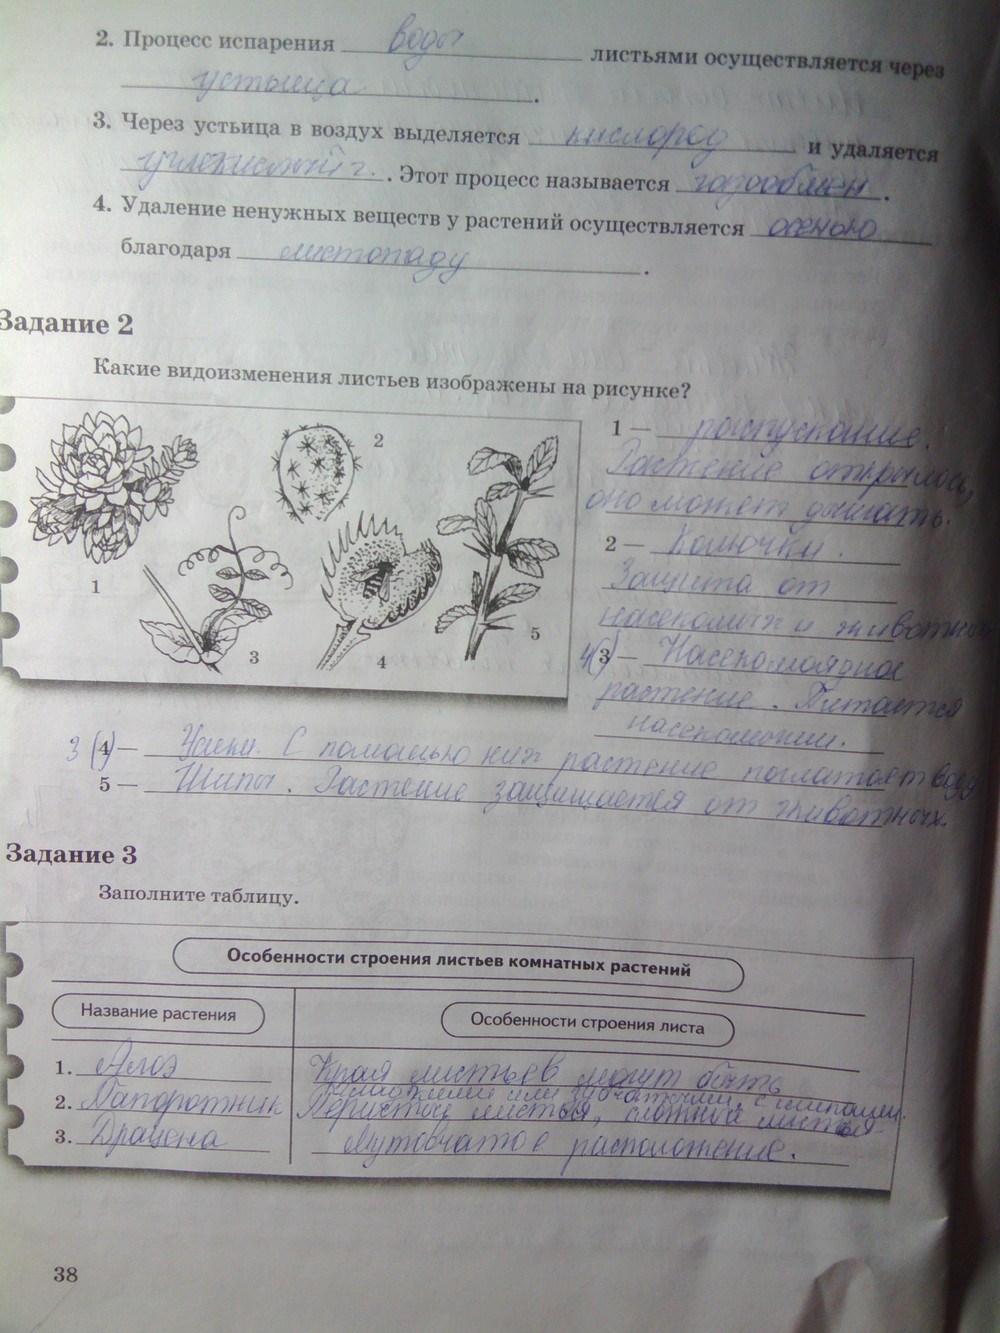 Гдз по биологии 6 класс в рабочей тетради пономарева 2 часть